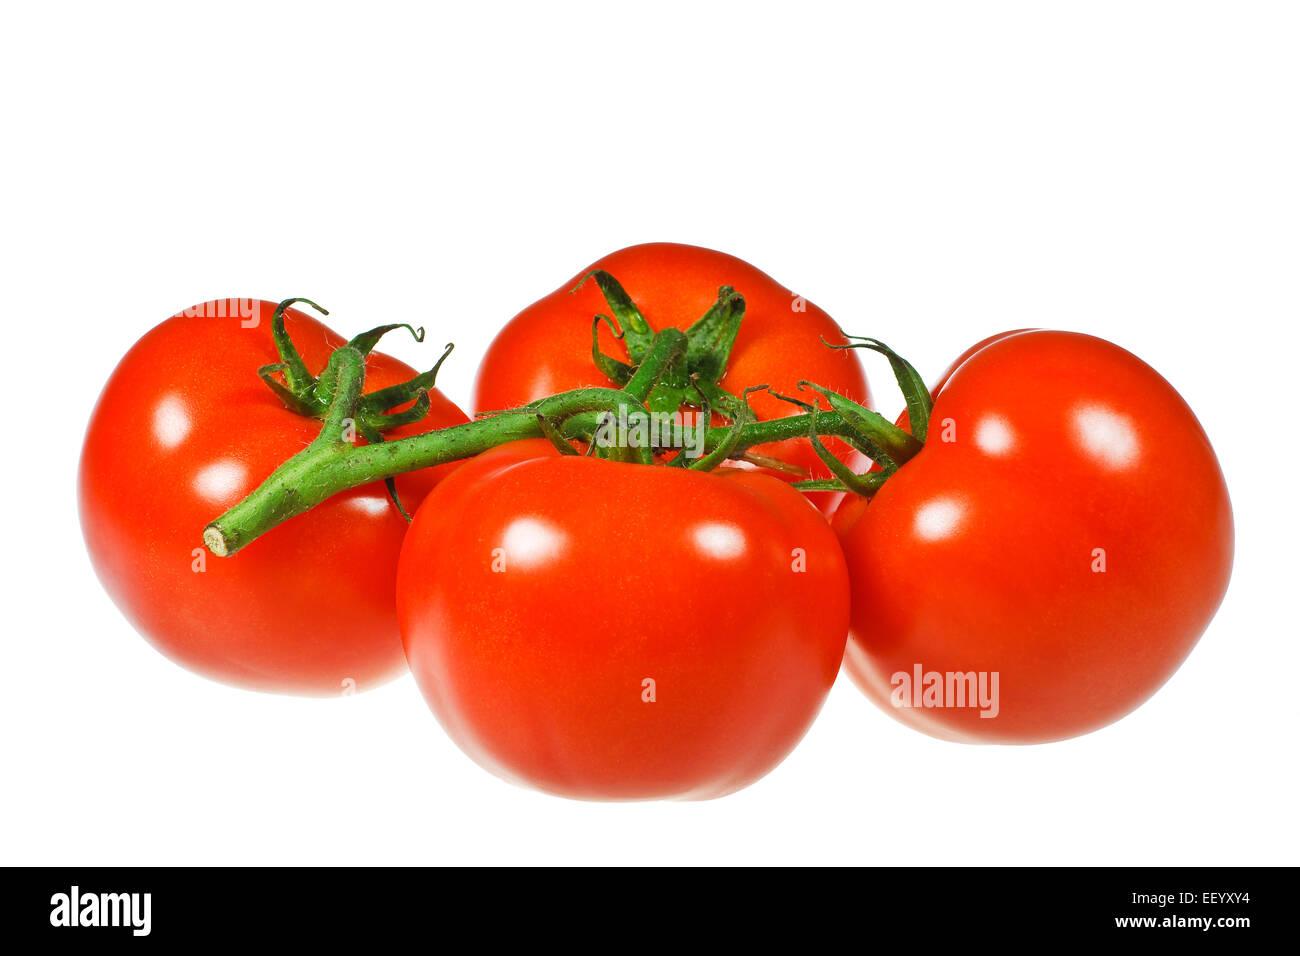 Four tomato optional. - Stock Image